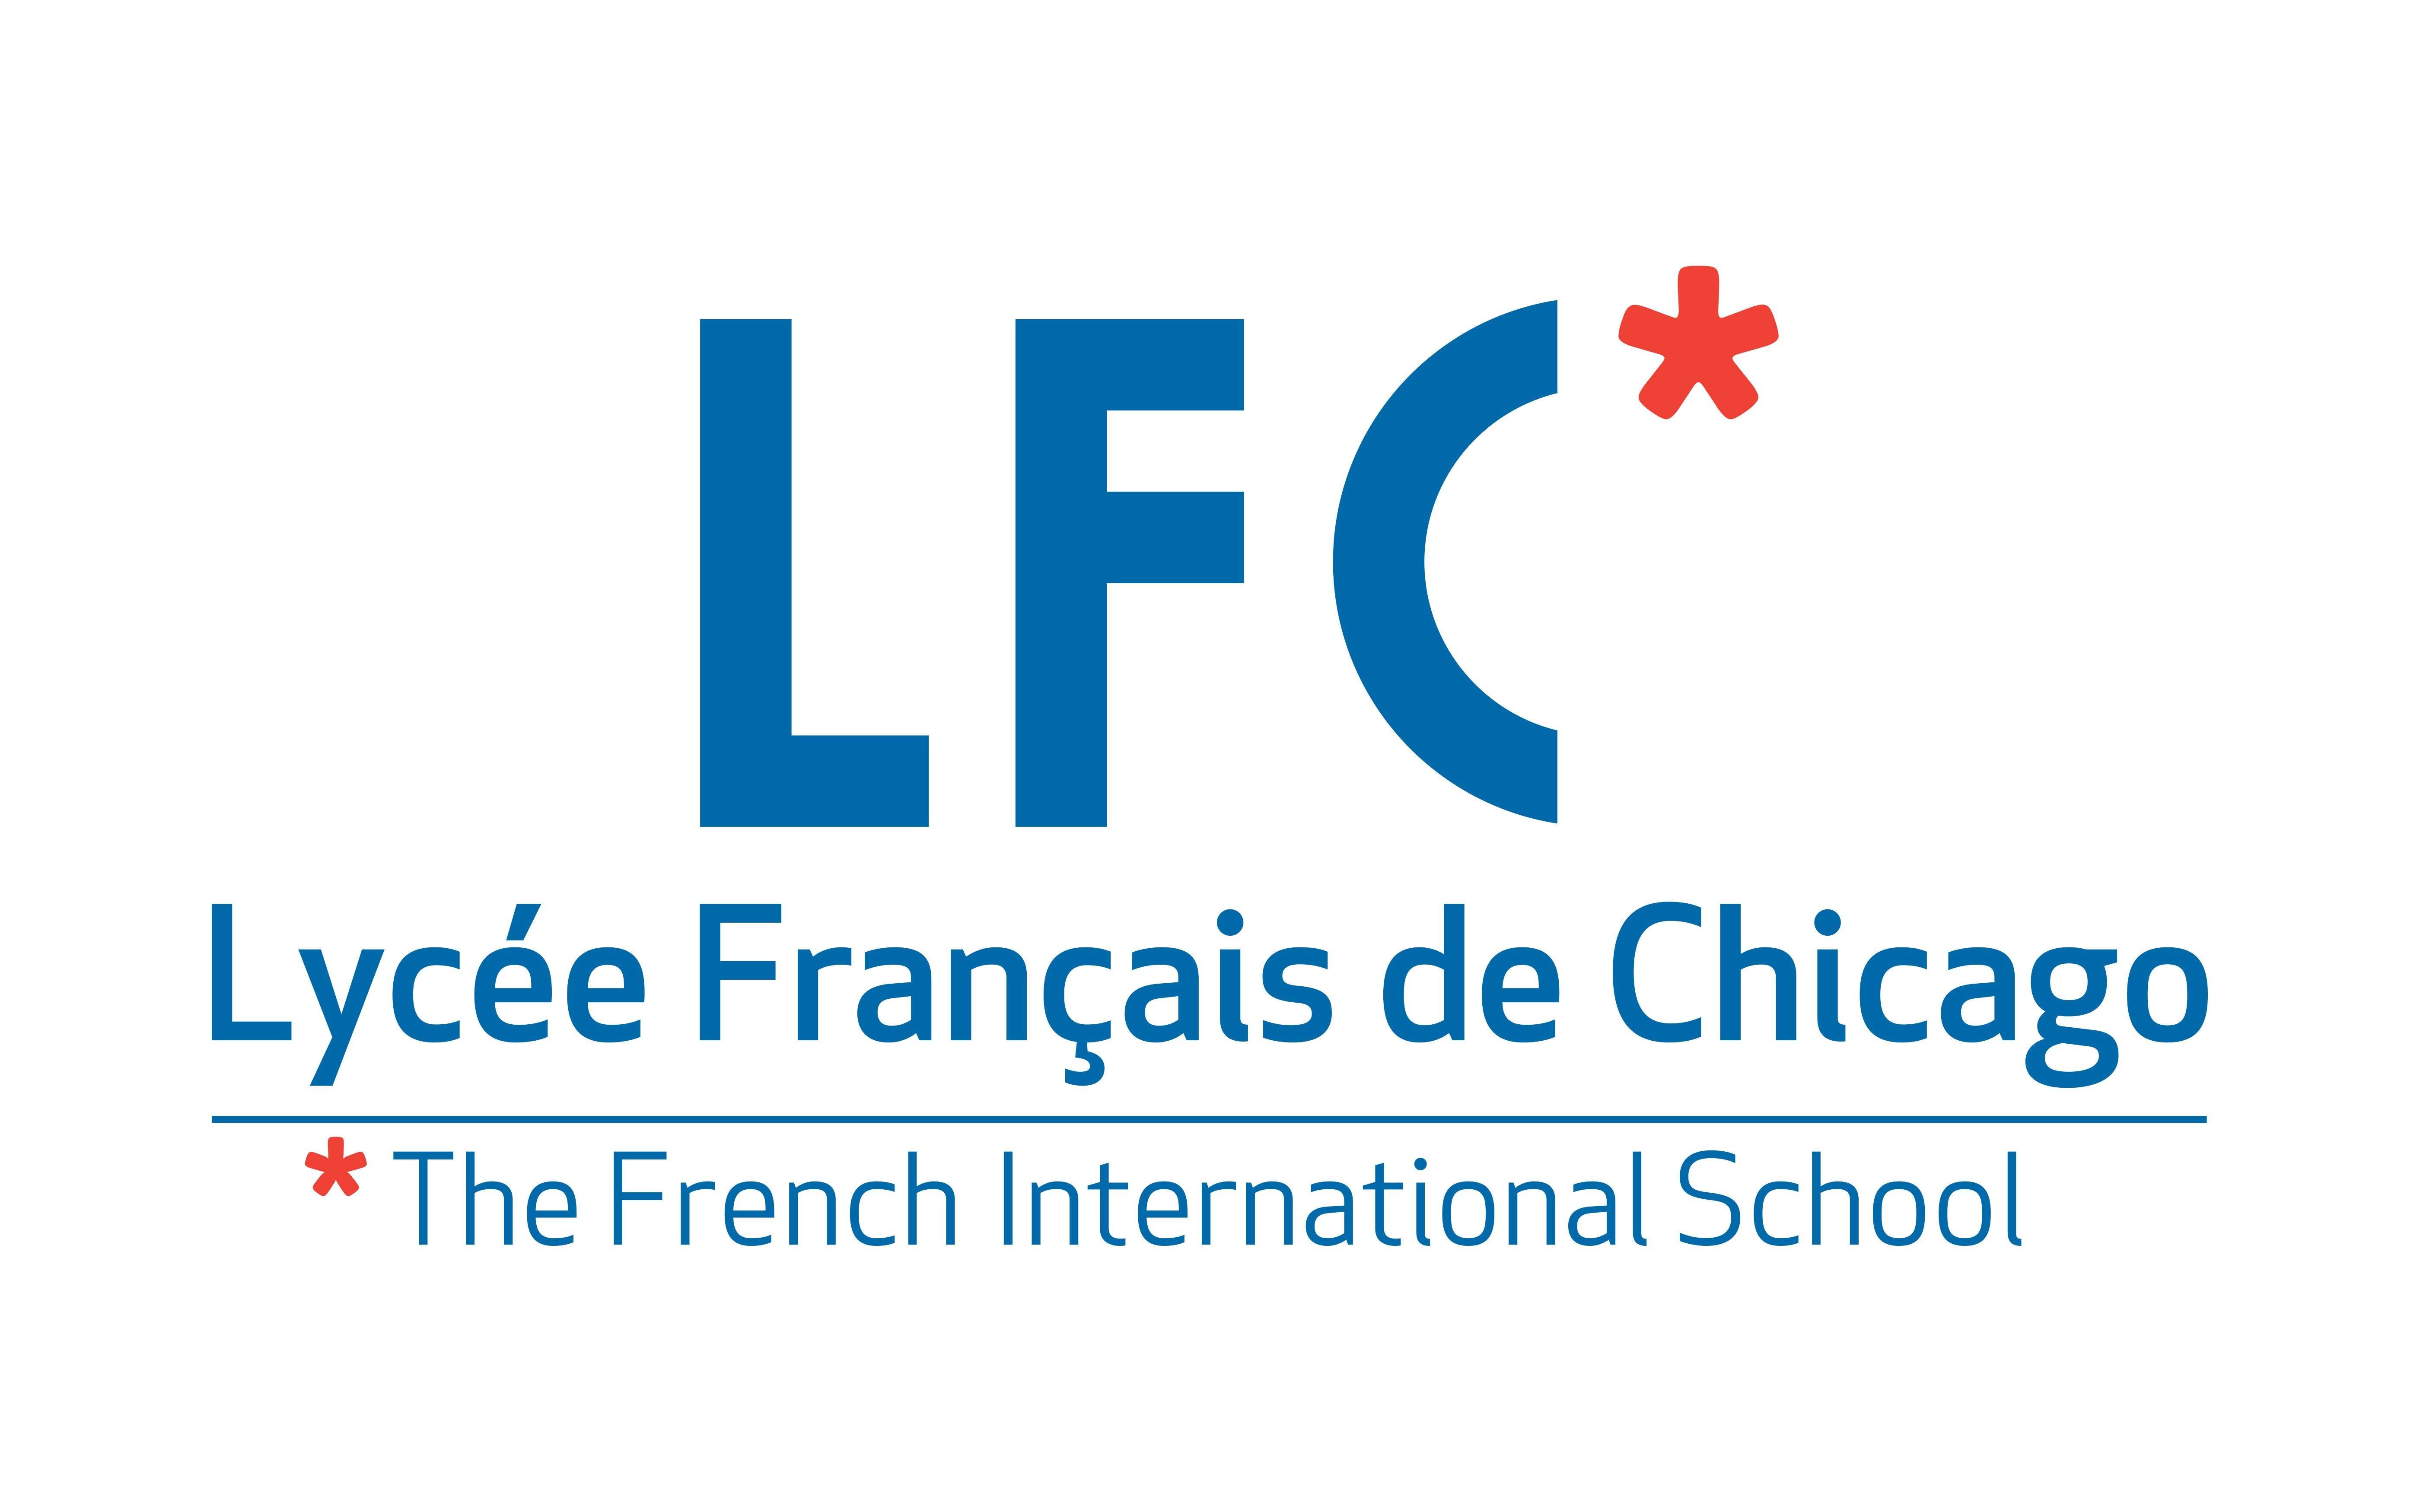 Logo of Lycee Francais de Chicago